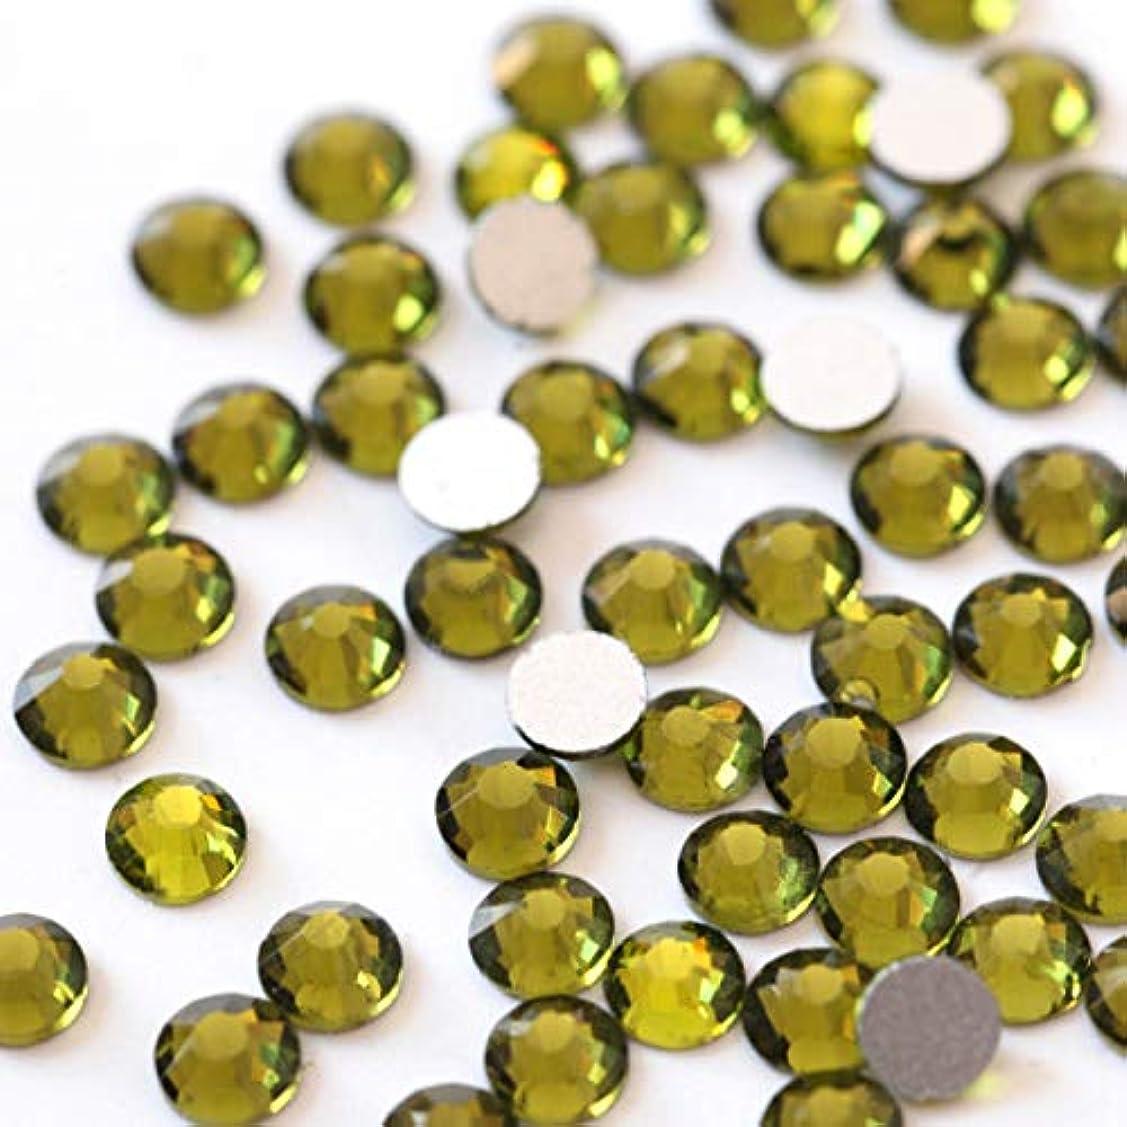 ハイブリッド政権助言する【ラインストーン77】高品質ガラス製ラインストーン オリーブ(1.3mm (SS3) 約200粒)